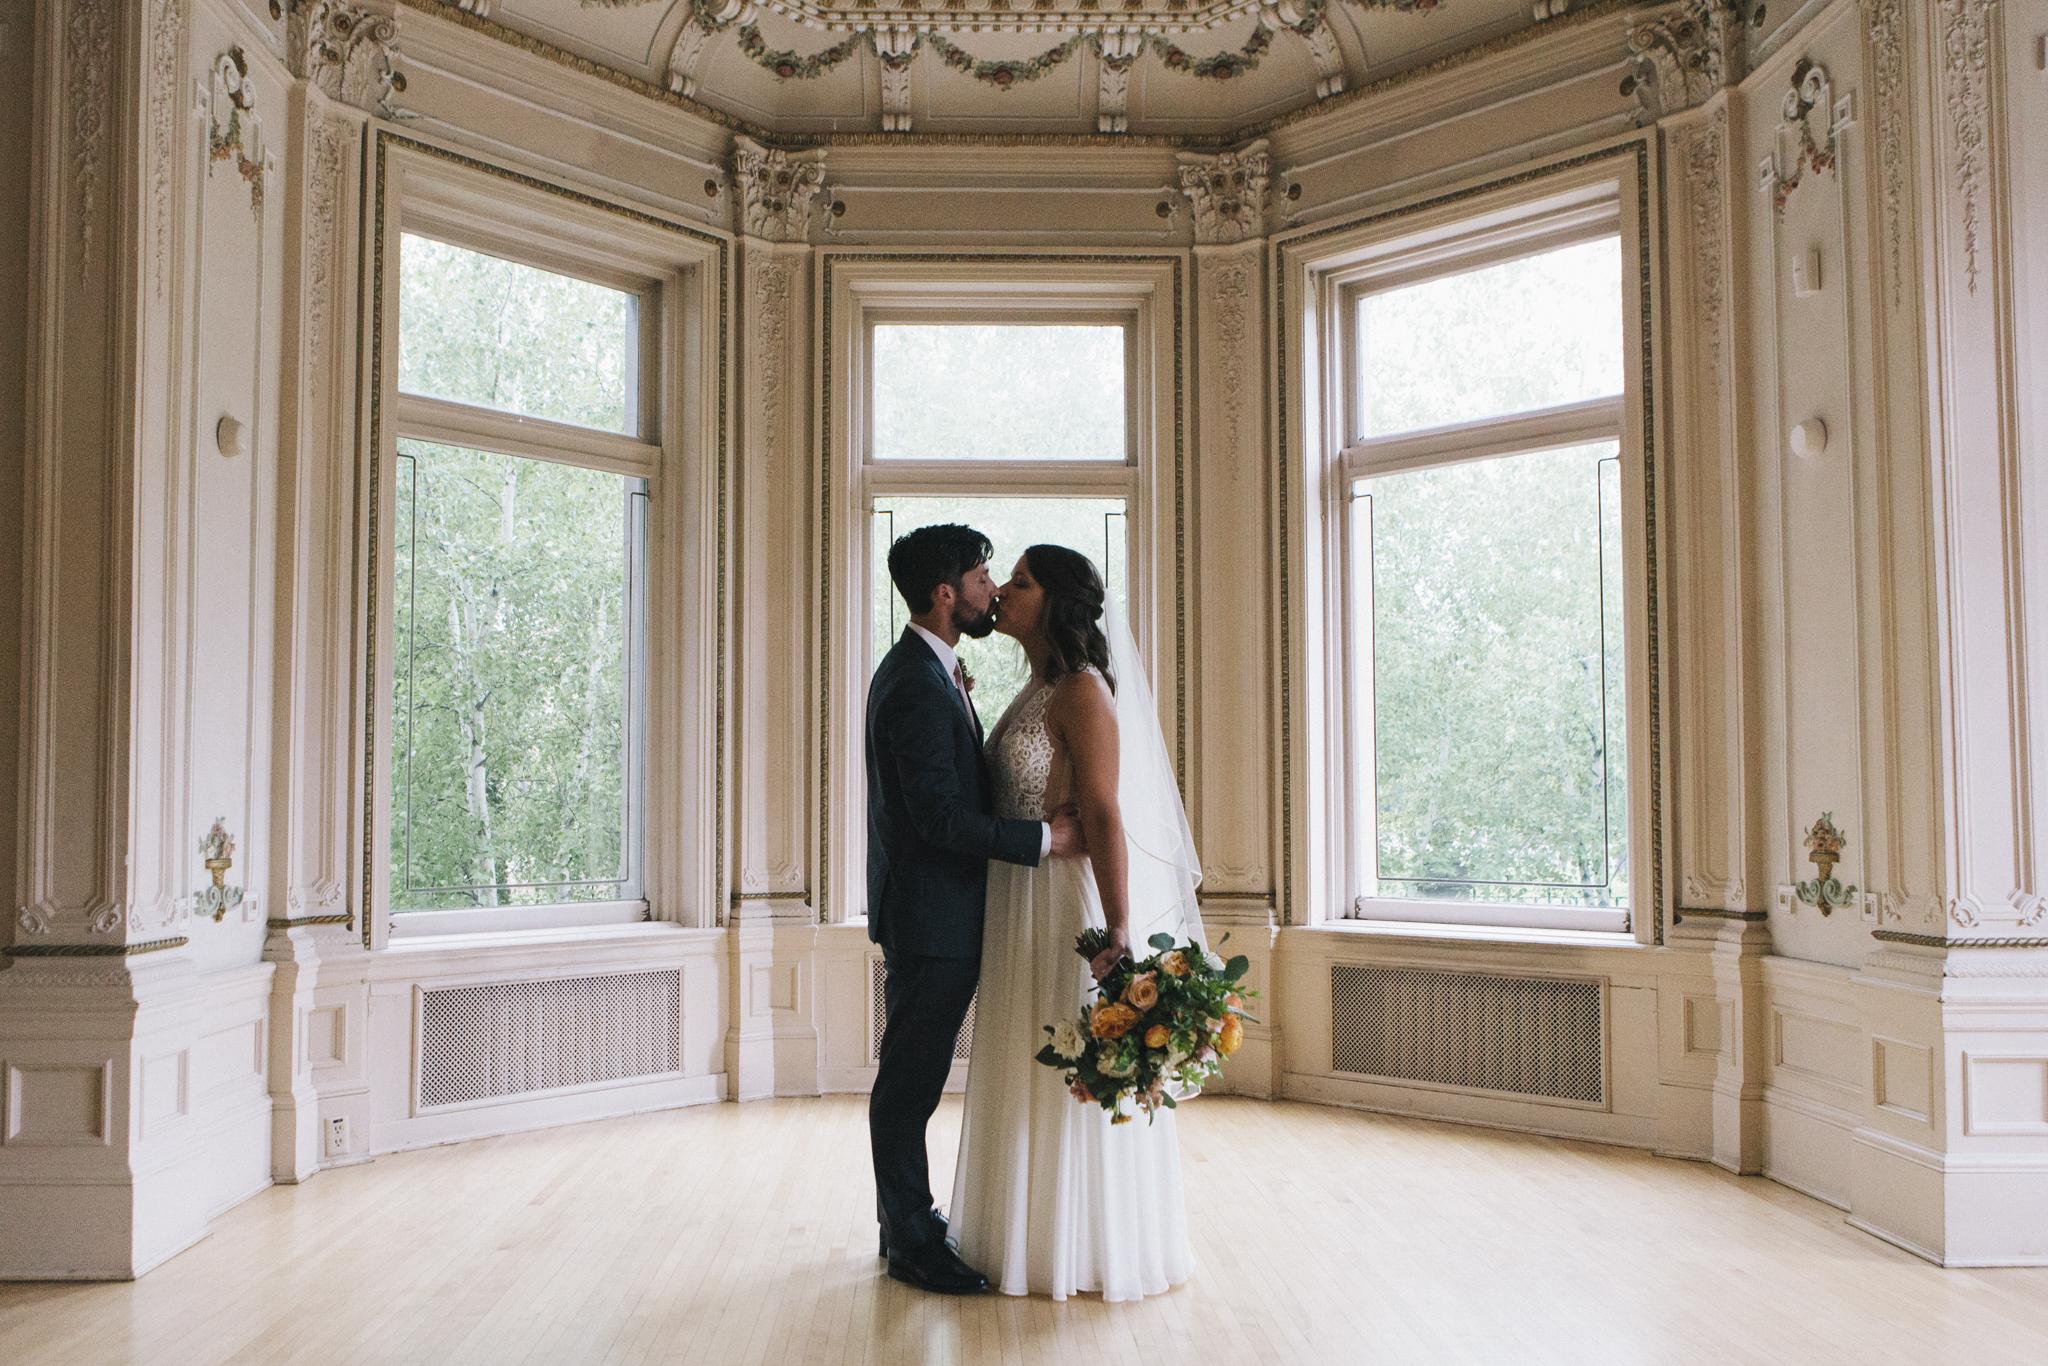 harlan_megmike_wedding_91.jpg